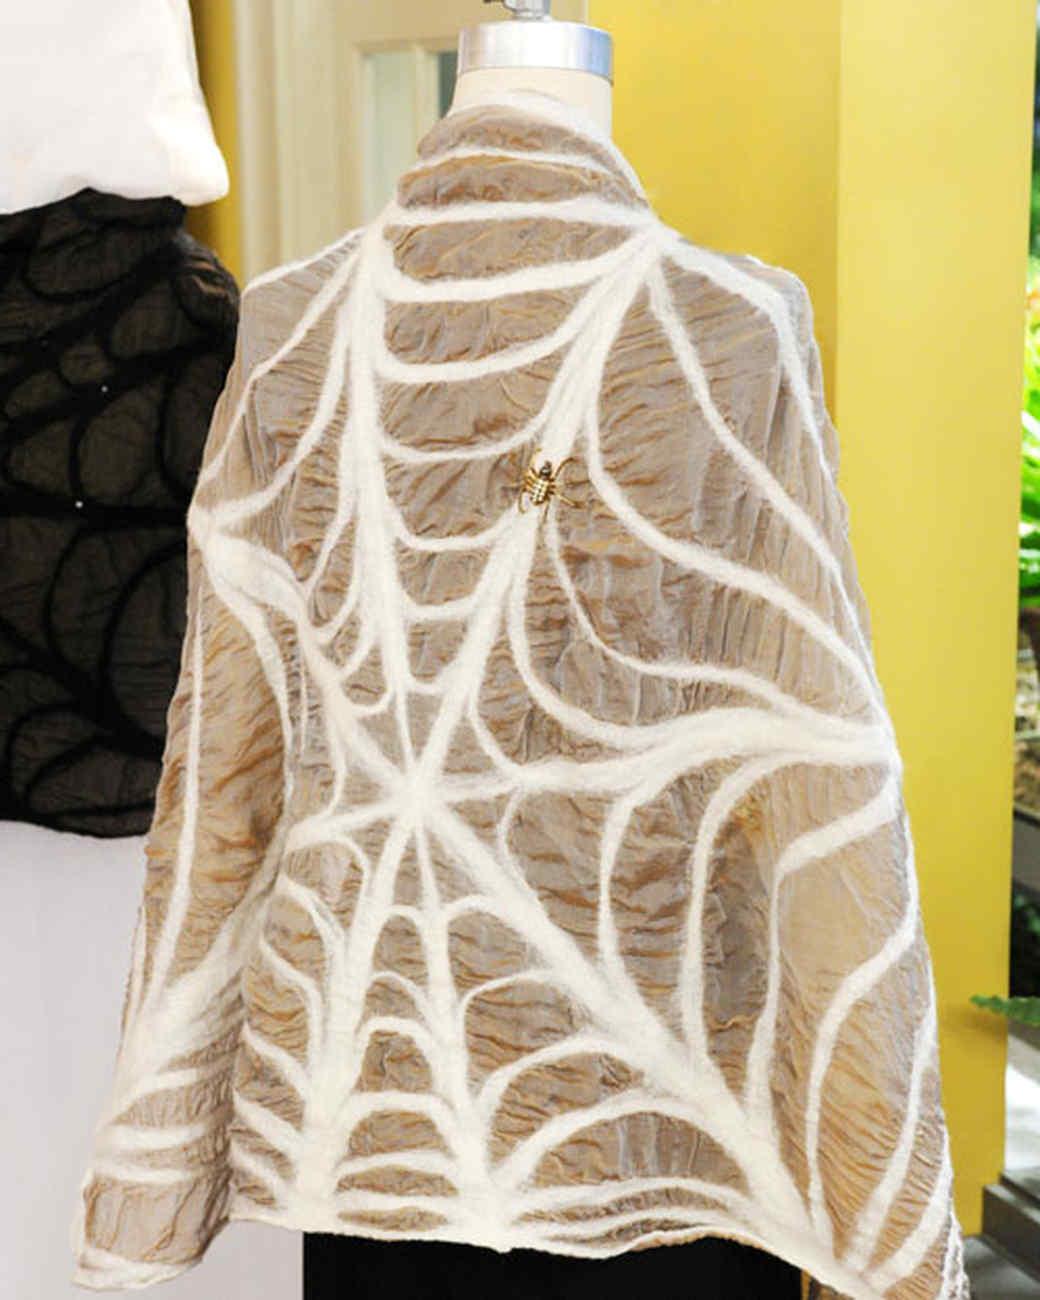 6025_102210_spider_shawl.jpg